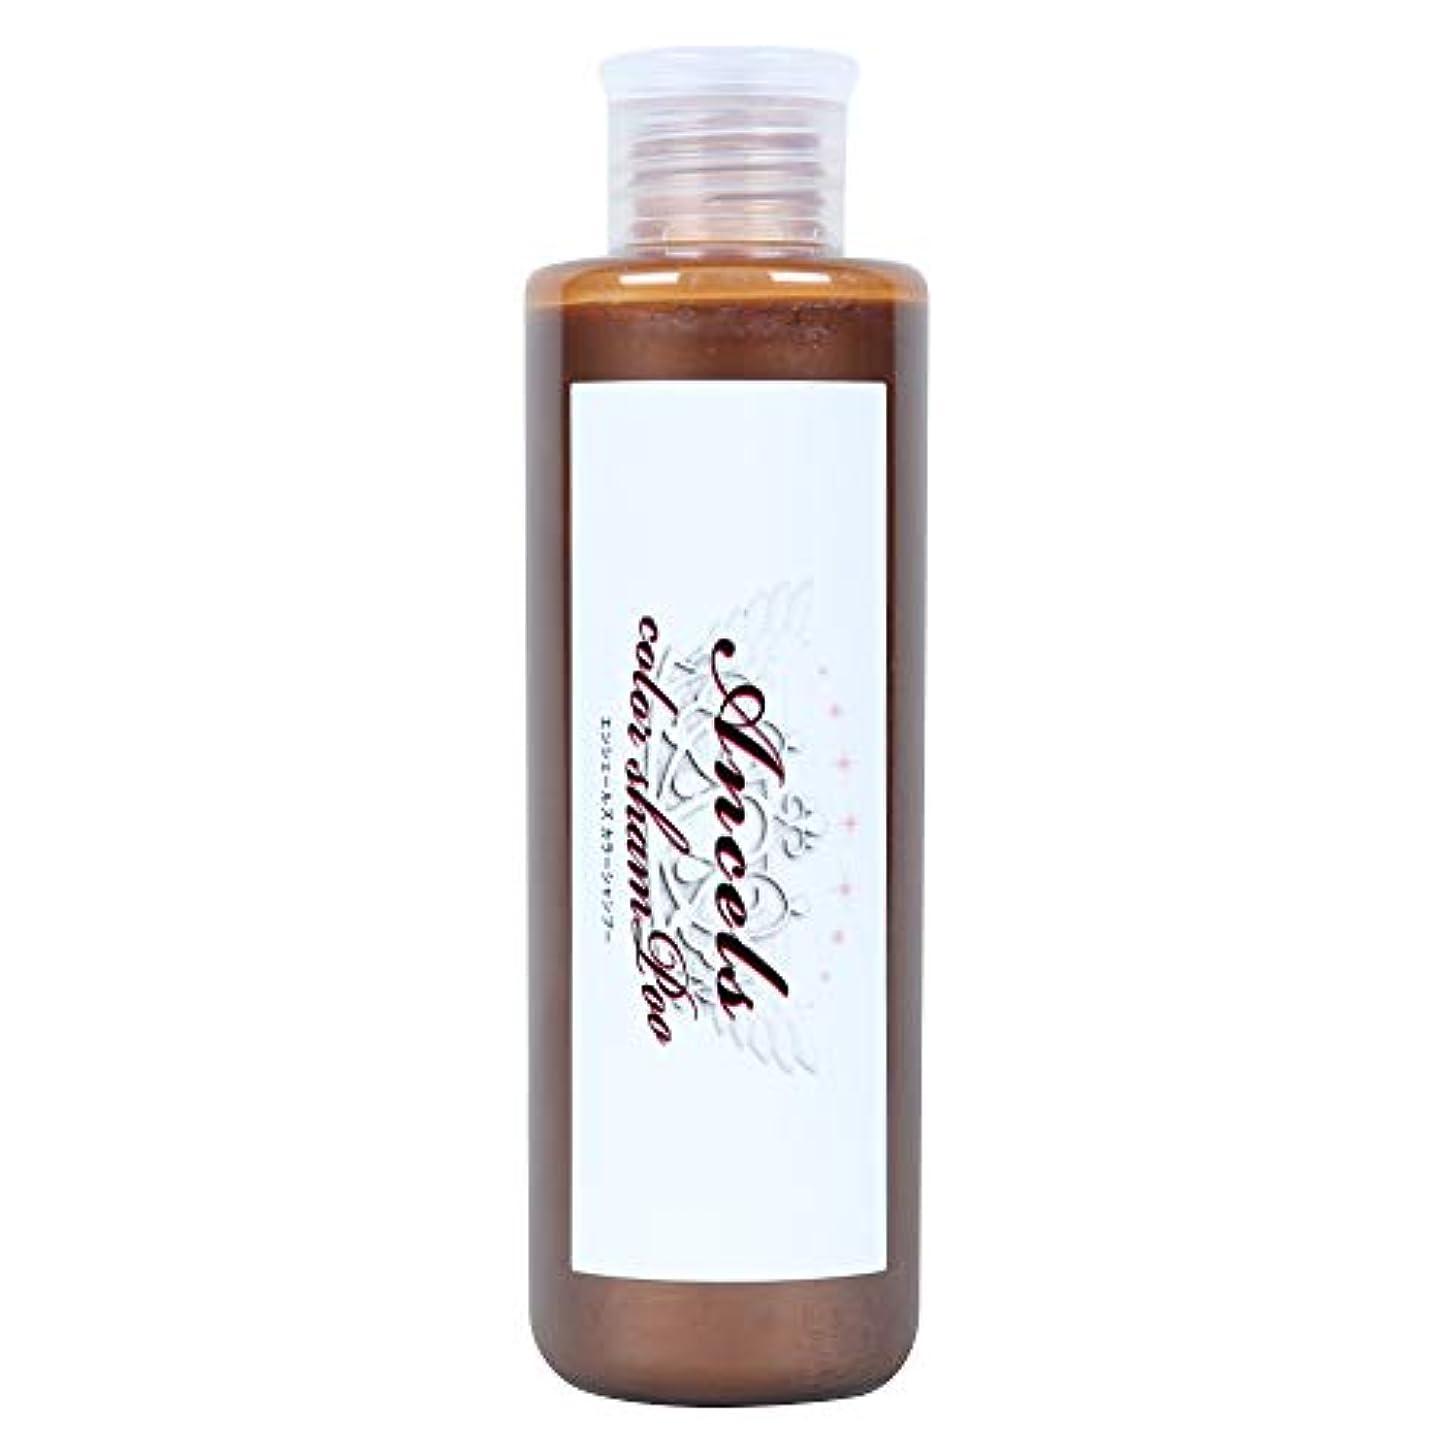 避けるプール折り目Ancels color shampoo エンシェールズ カラーシャンプー ミルクティー 200ml